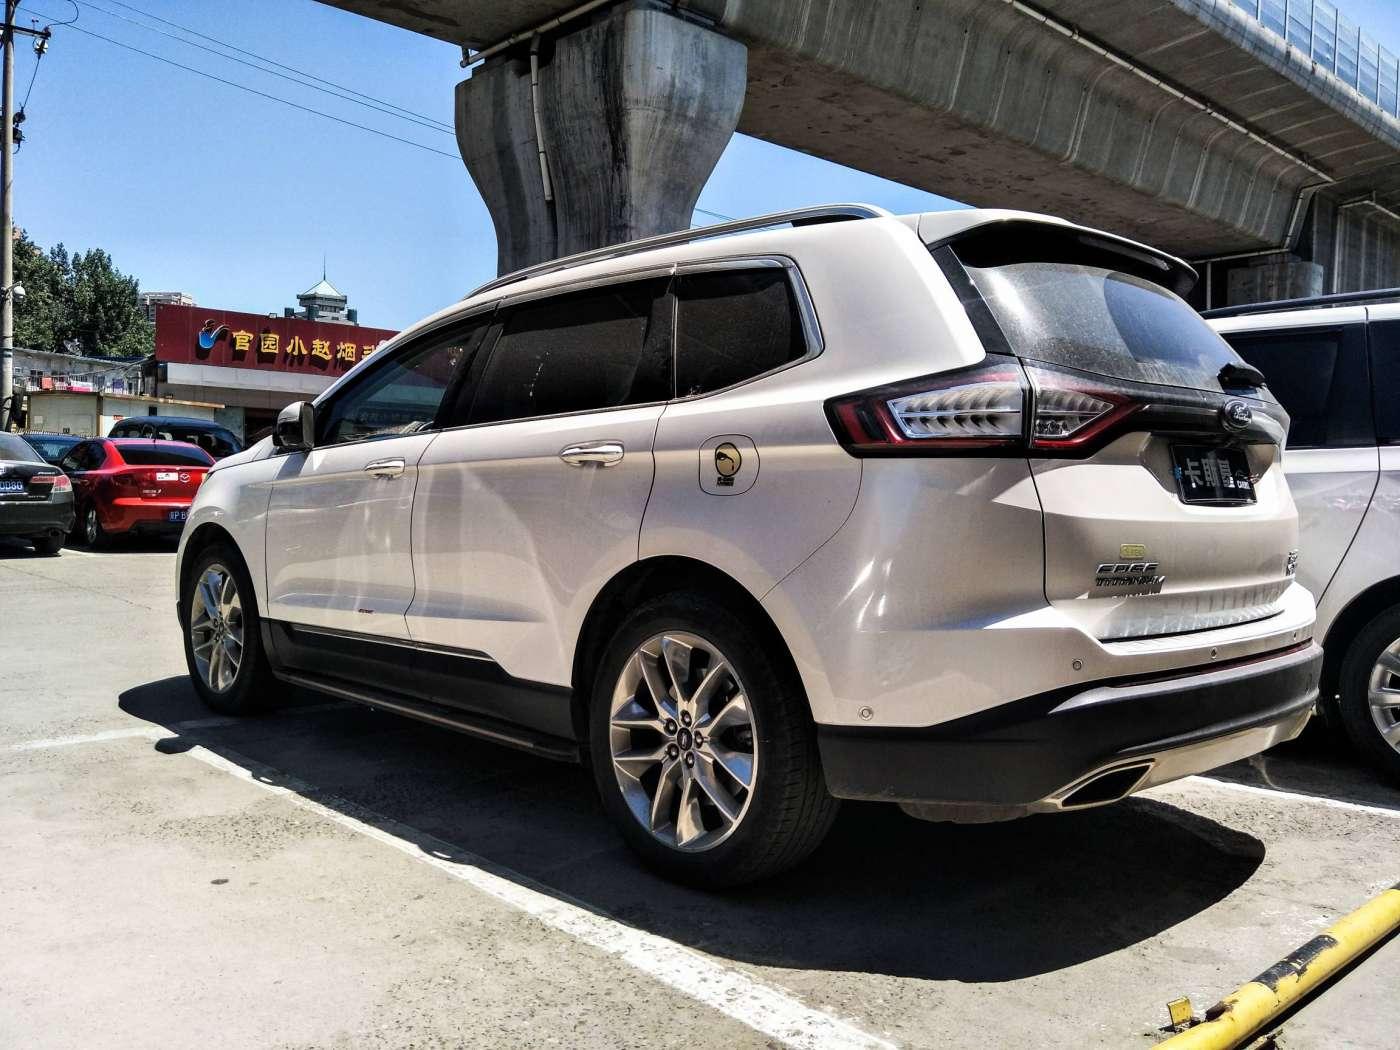 2015年08月 福特 2015款 锐界 2.7T GTDi 四驱尊锐型|甄选福特-北京卡斯基汽车服务有限公司